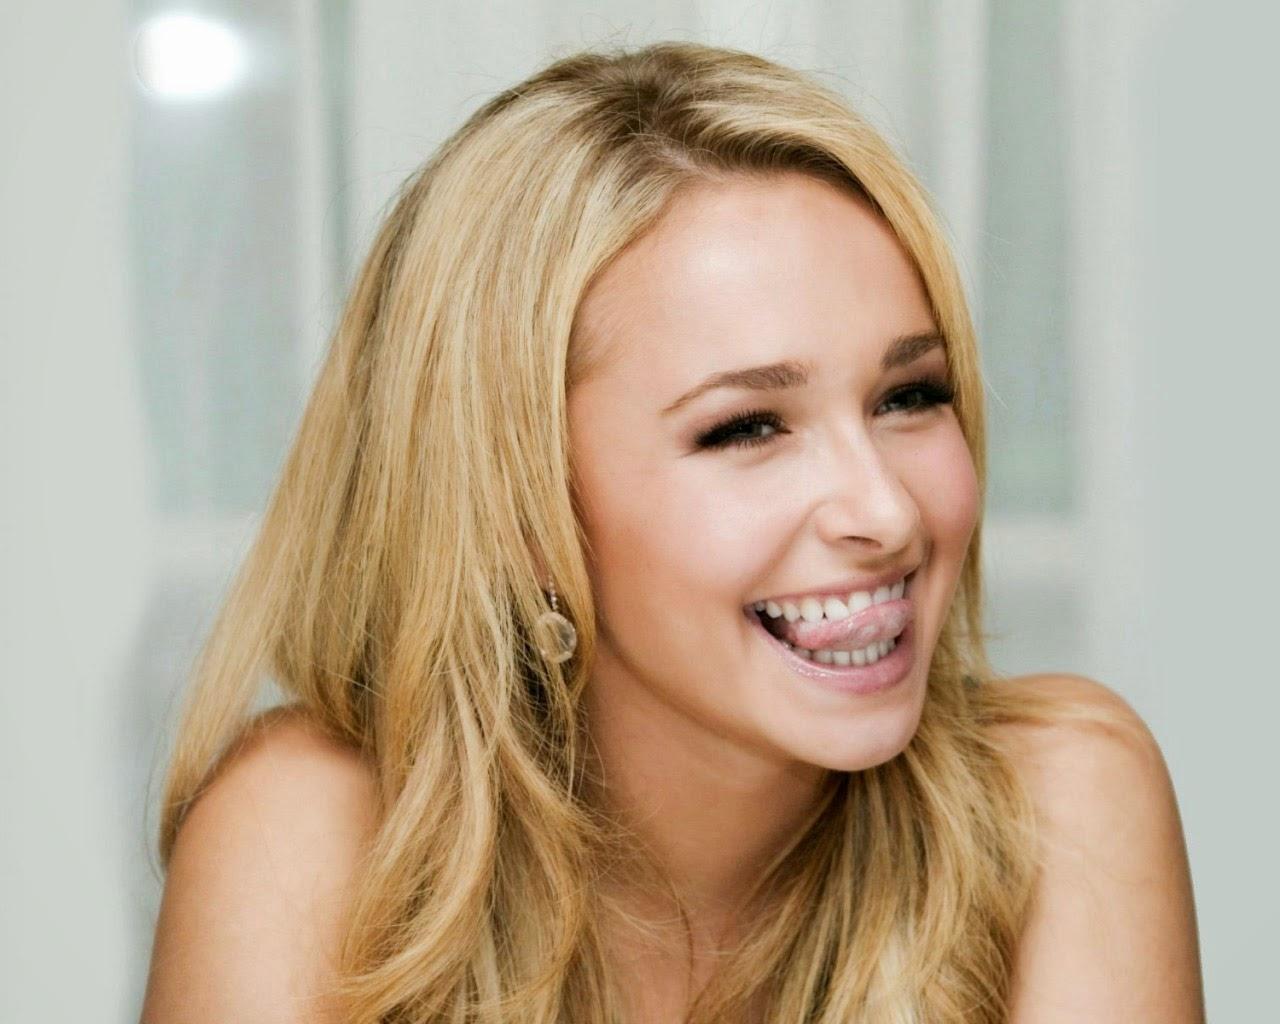 Hayden panettiere hottest actress wallpapers